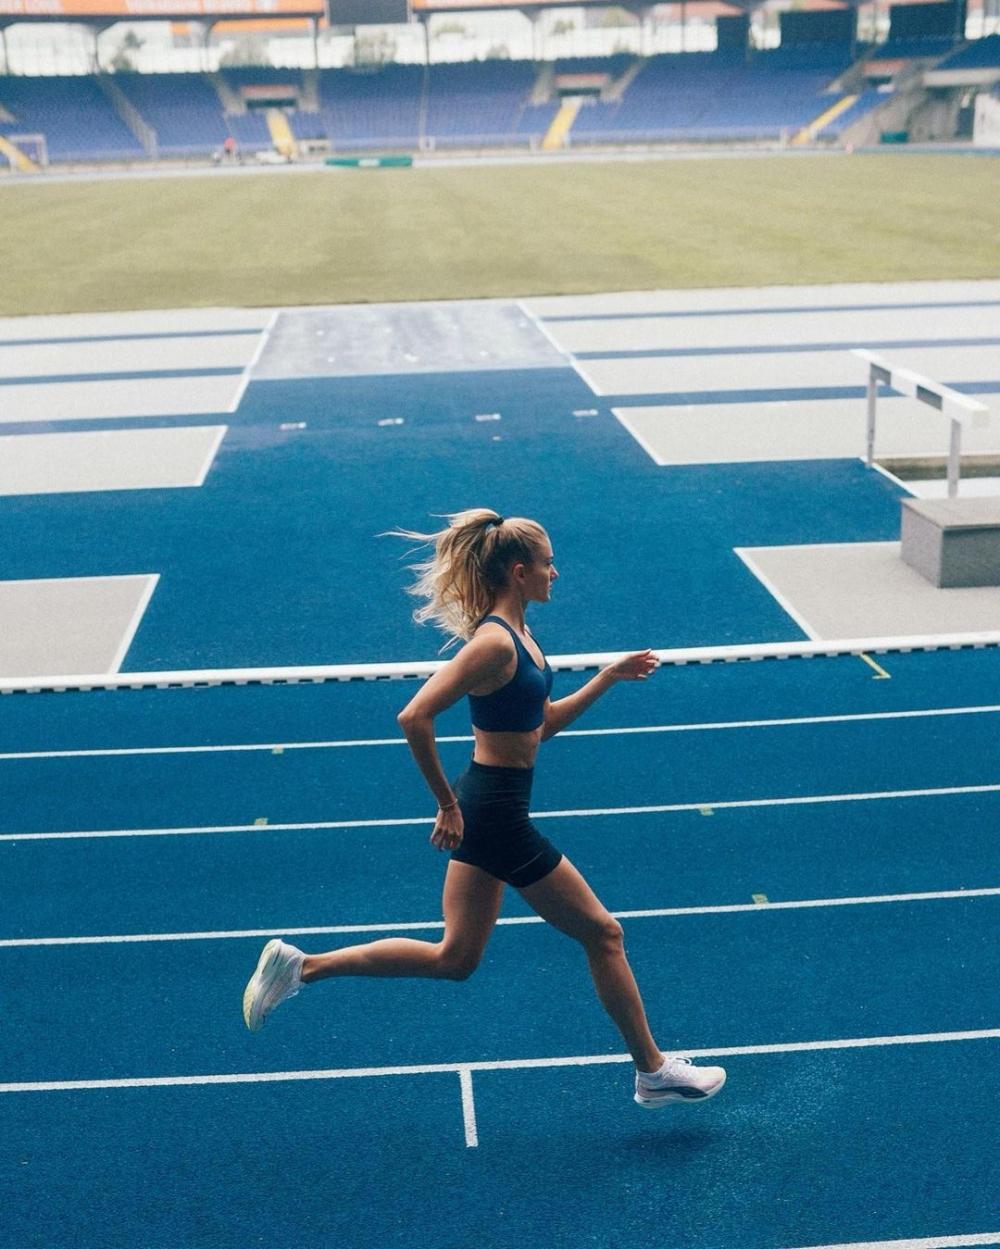 「世界最美運動員」Alica Schmidt